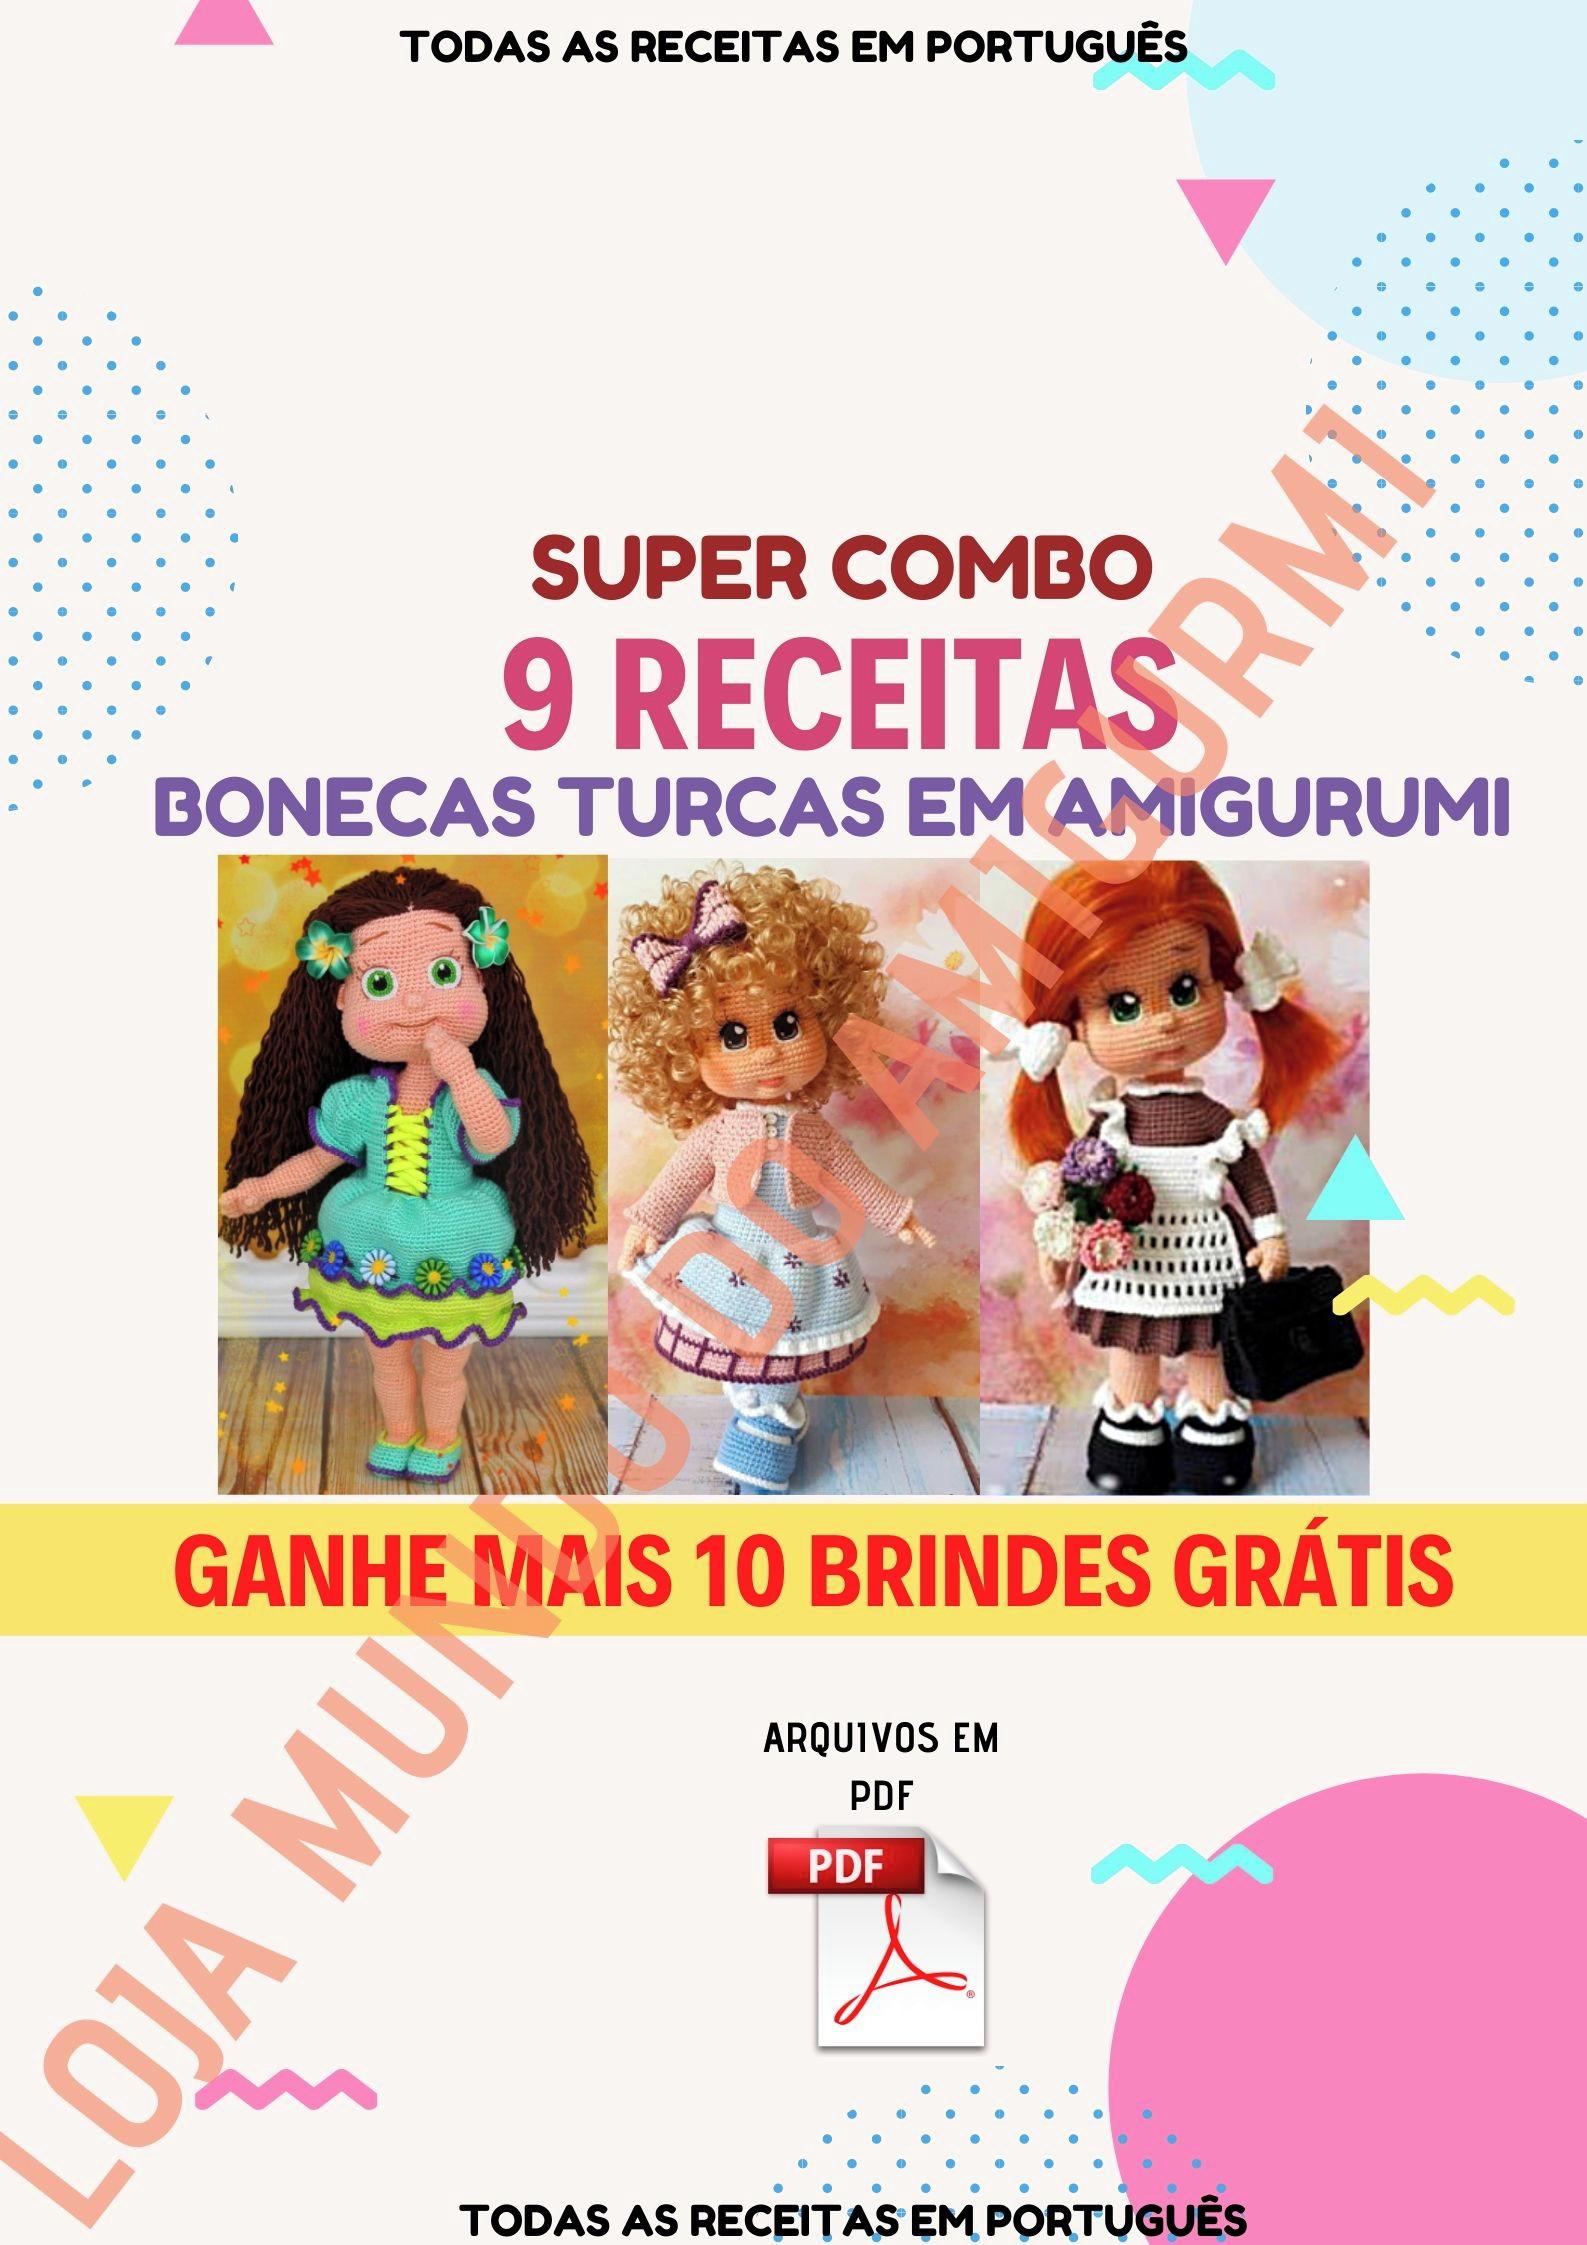 Amigurumi Receitas Português - Unicórnio Amigurumi de Crochê Parte ... | 2245x1587